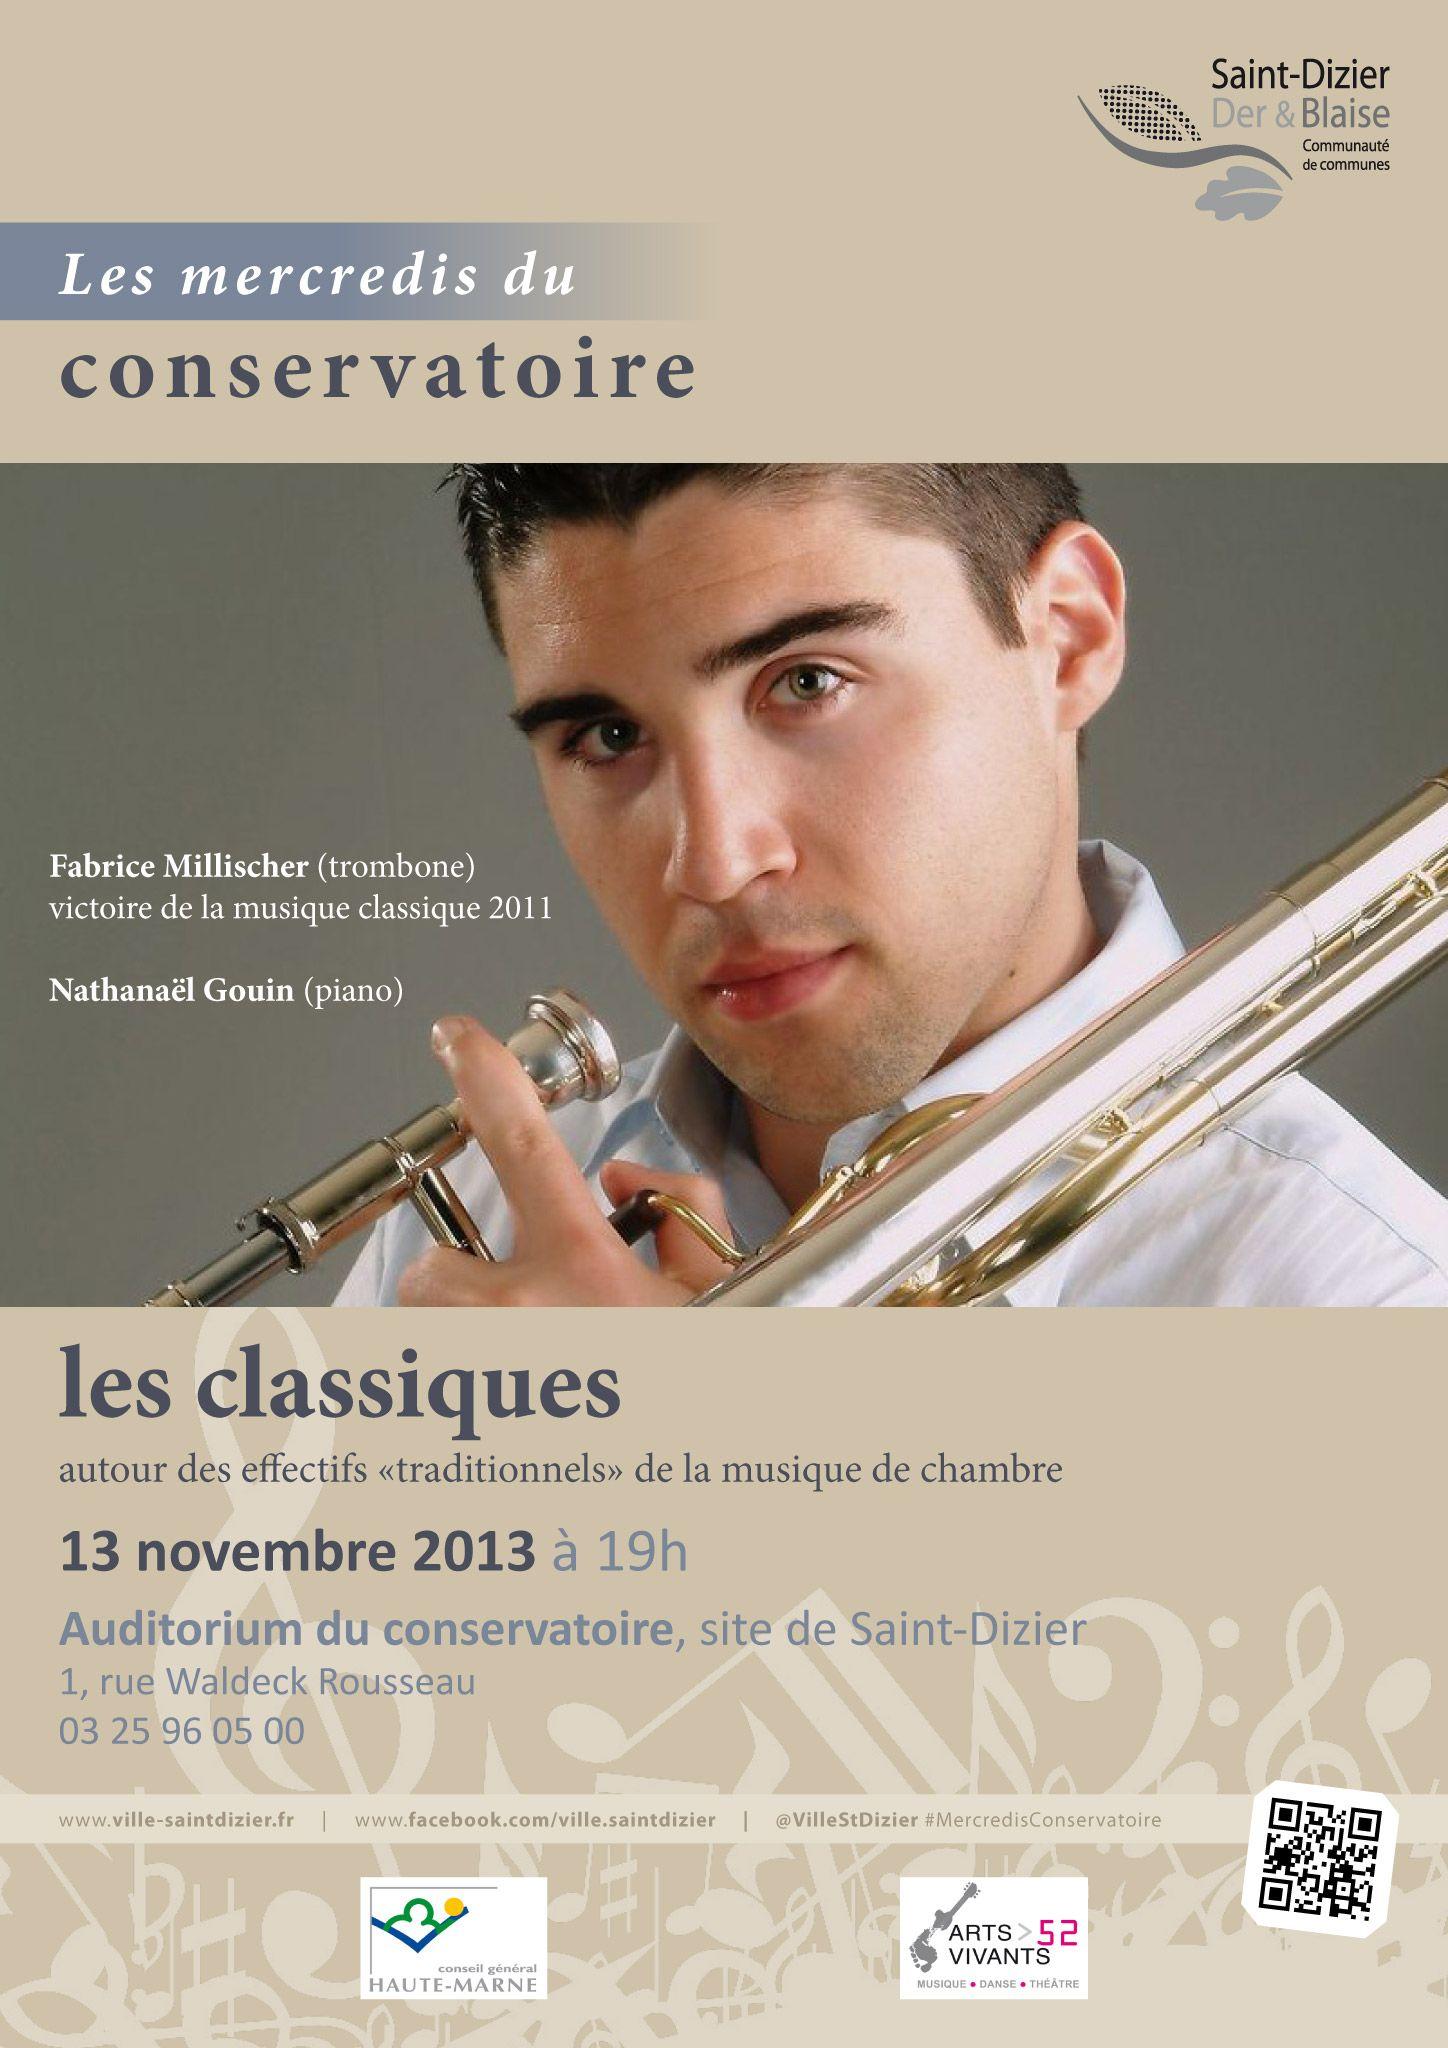 Affiche pour les mercredis du conservatoire : les classiques. Mercredi 13 novembre 2013, à Saint-Dizier. Création originale.